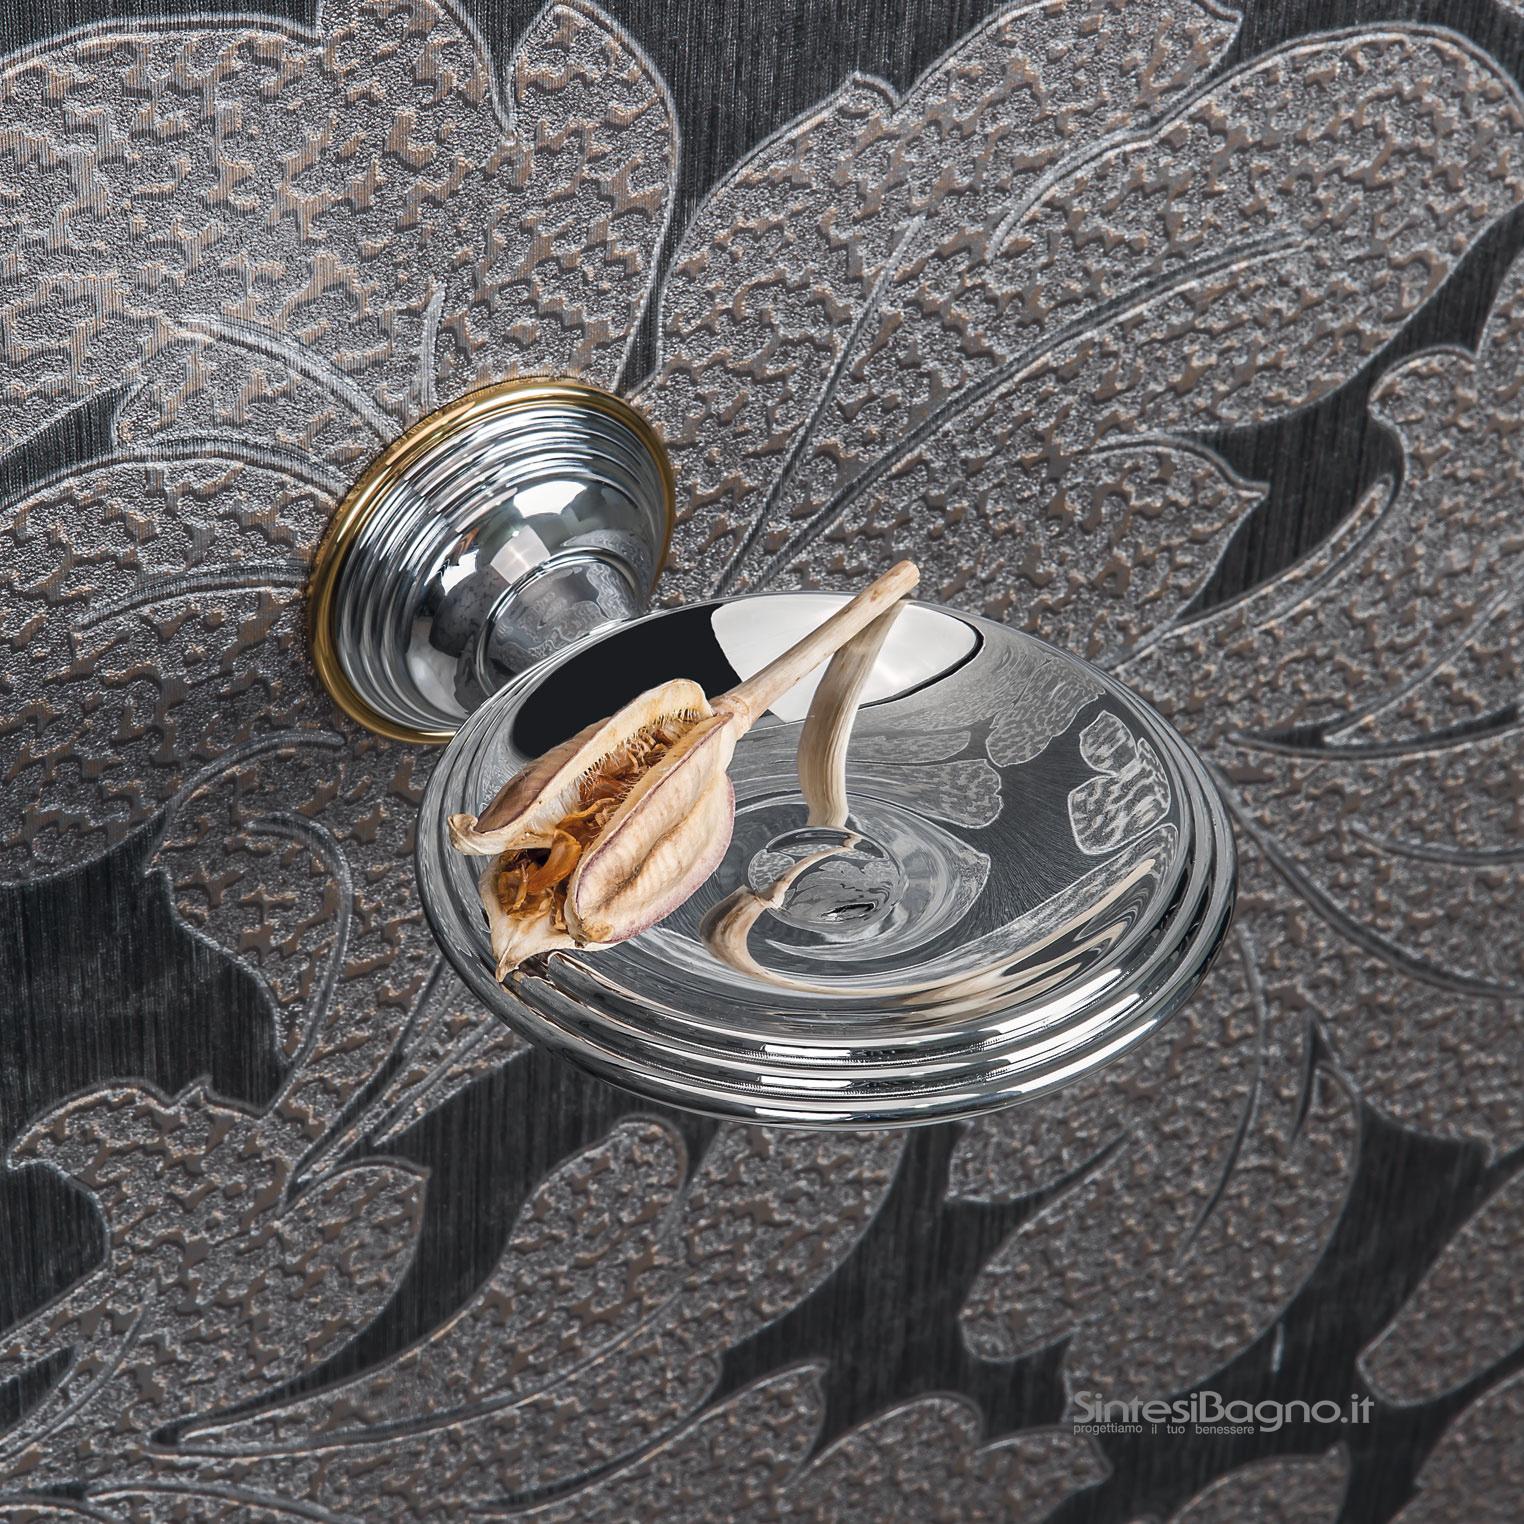 accessori-bagno-colombo-serie-hermitage-sintesibagno_ambient06